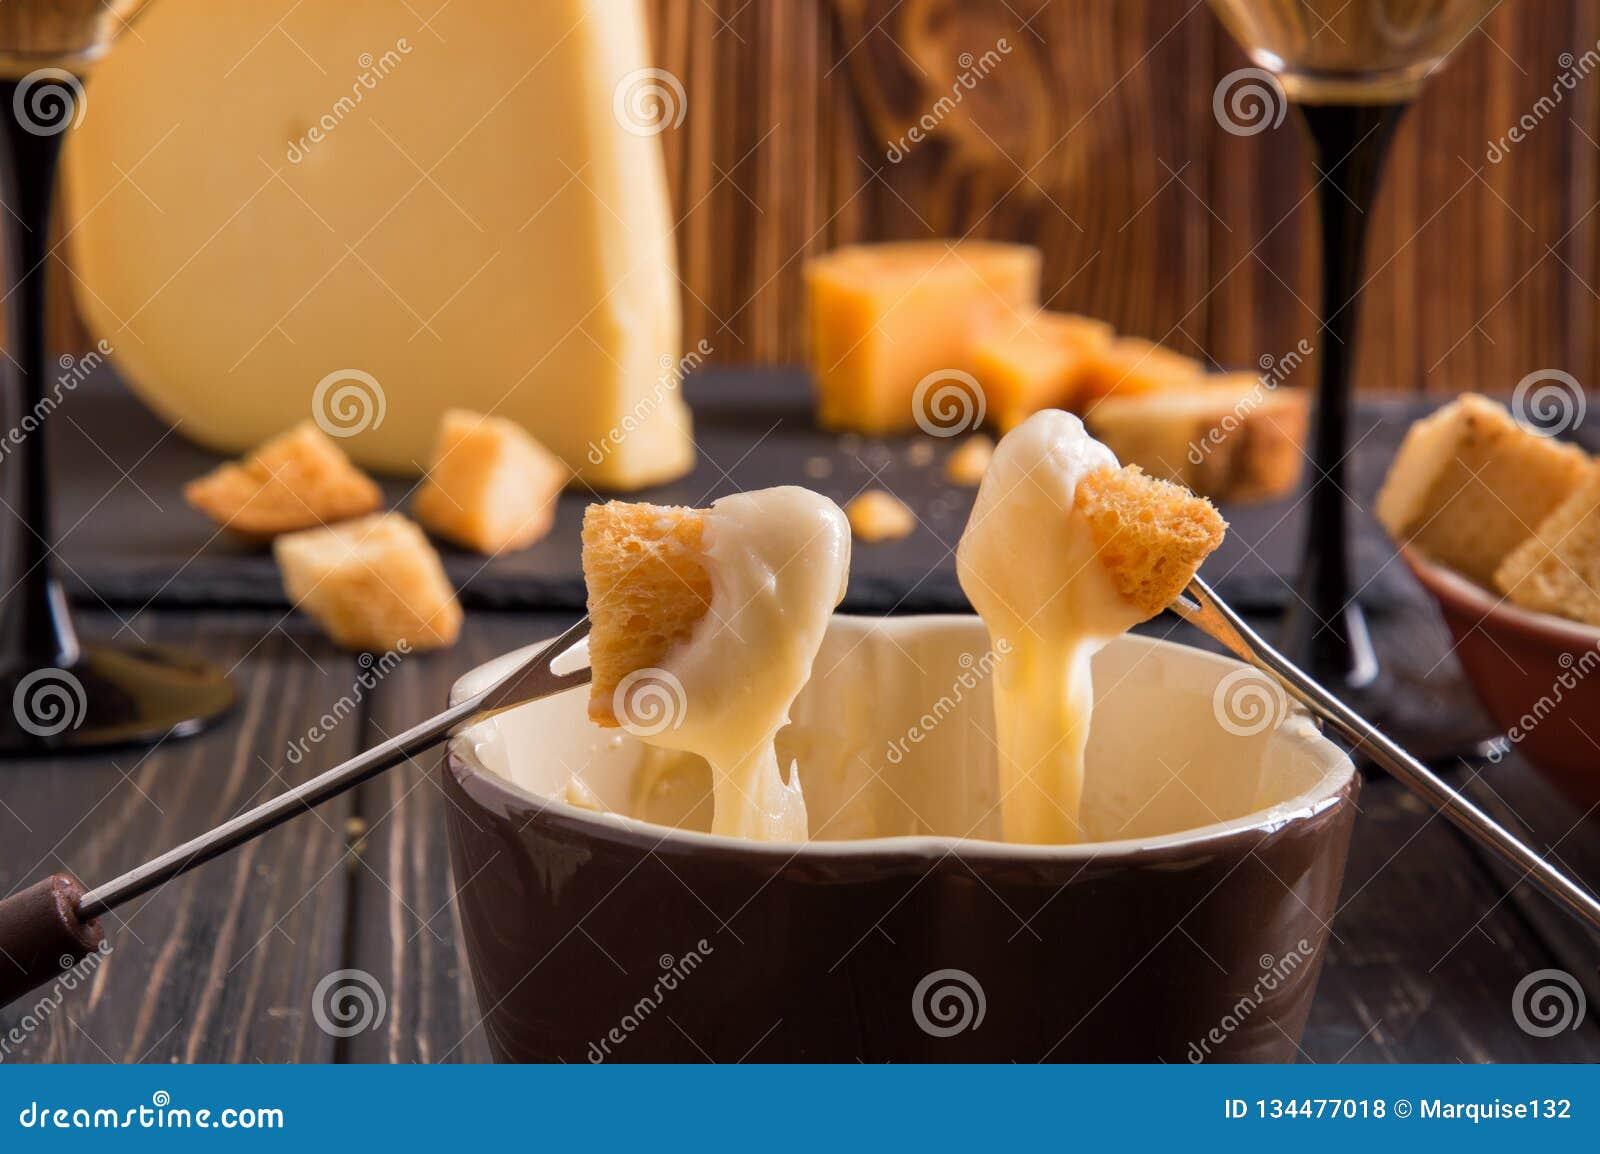 Cierre para arriba Cena suiza gastrónoma de la  fondue  en una tarde del invierno con quesos clasificados en un tablero junto a u